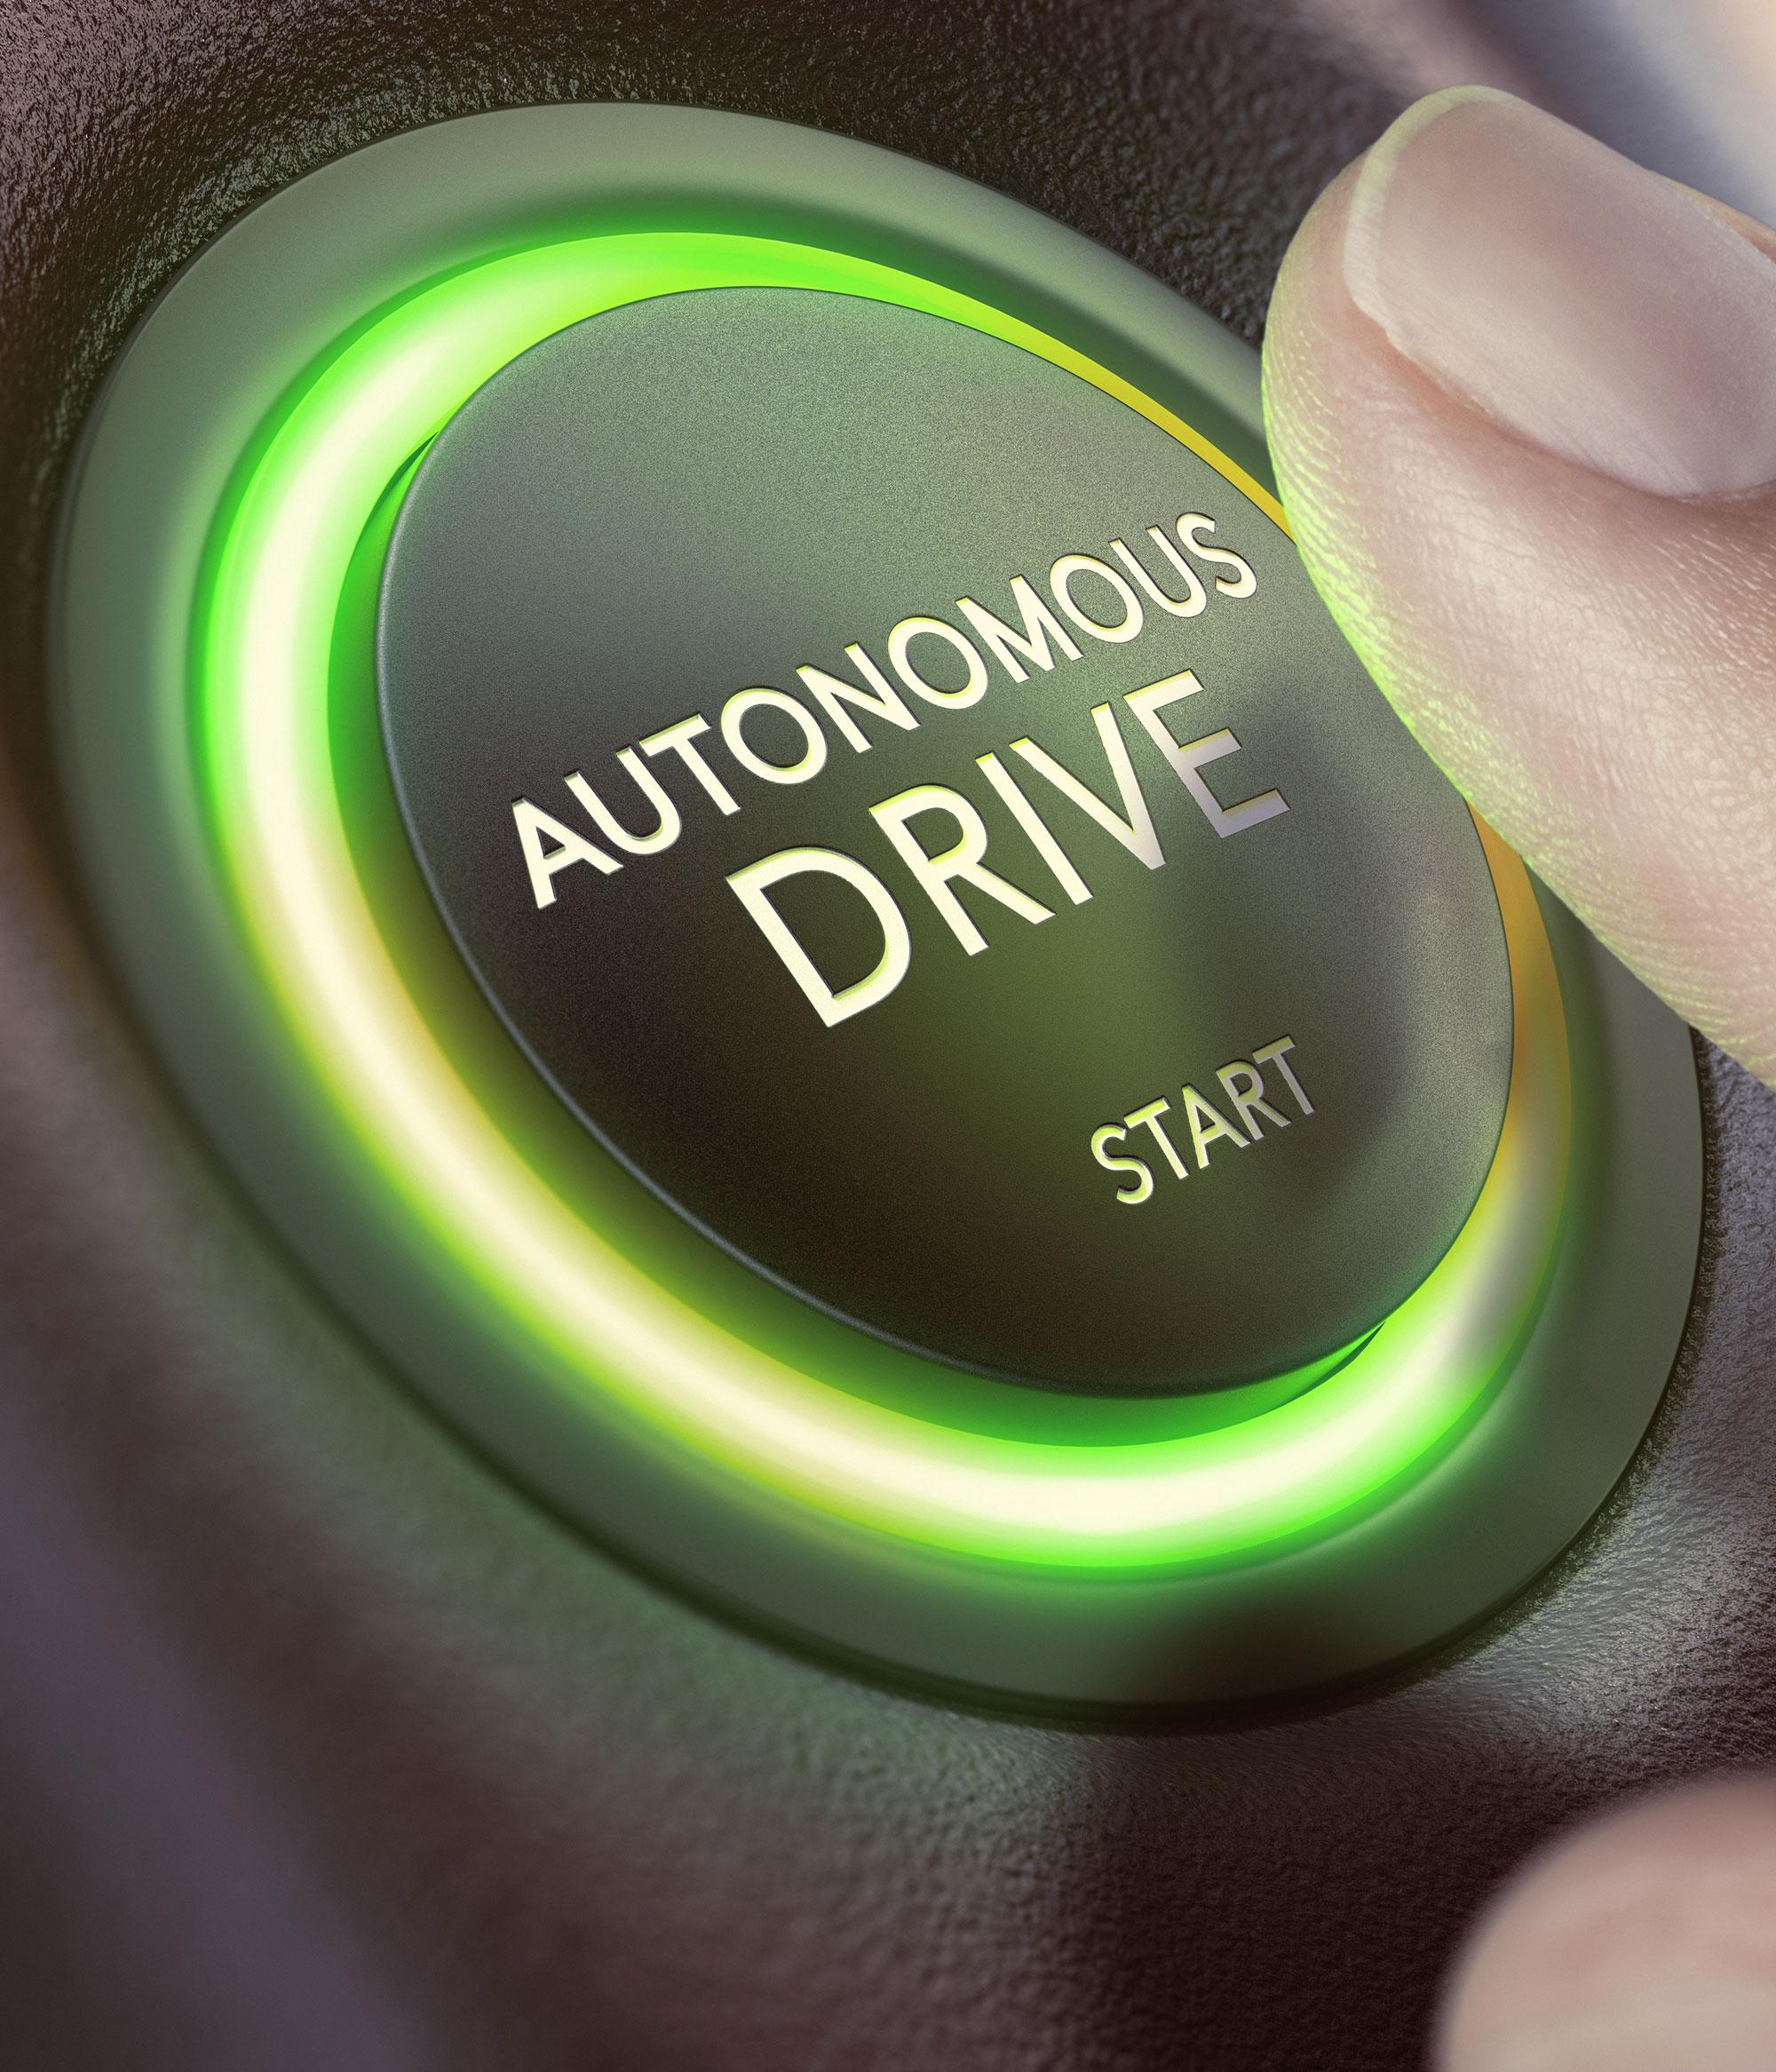 """Ein Finger drückt einen Knopf auf dem """"Autonomous Drive Start"""" steht."""